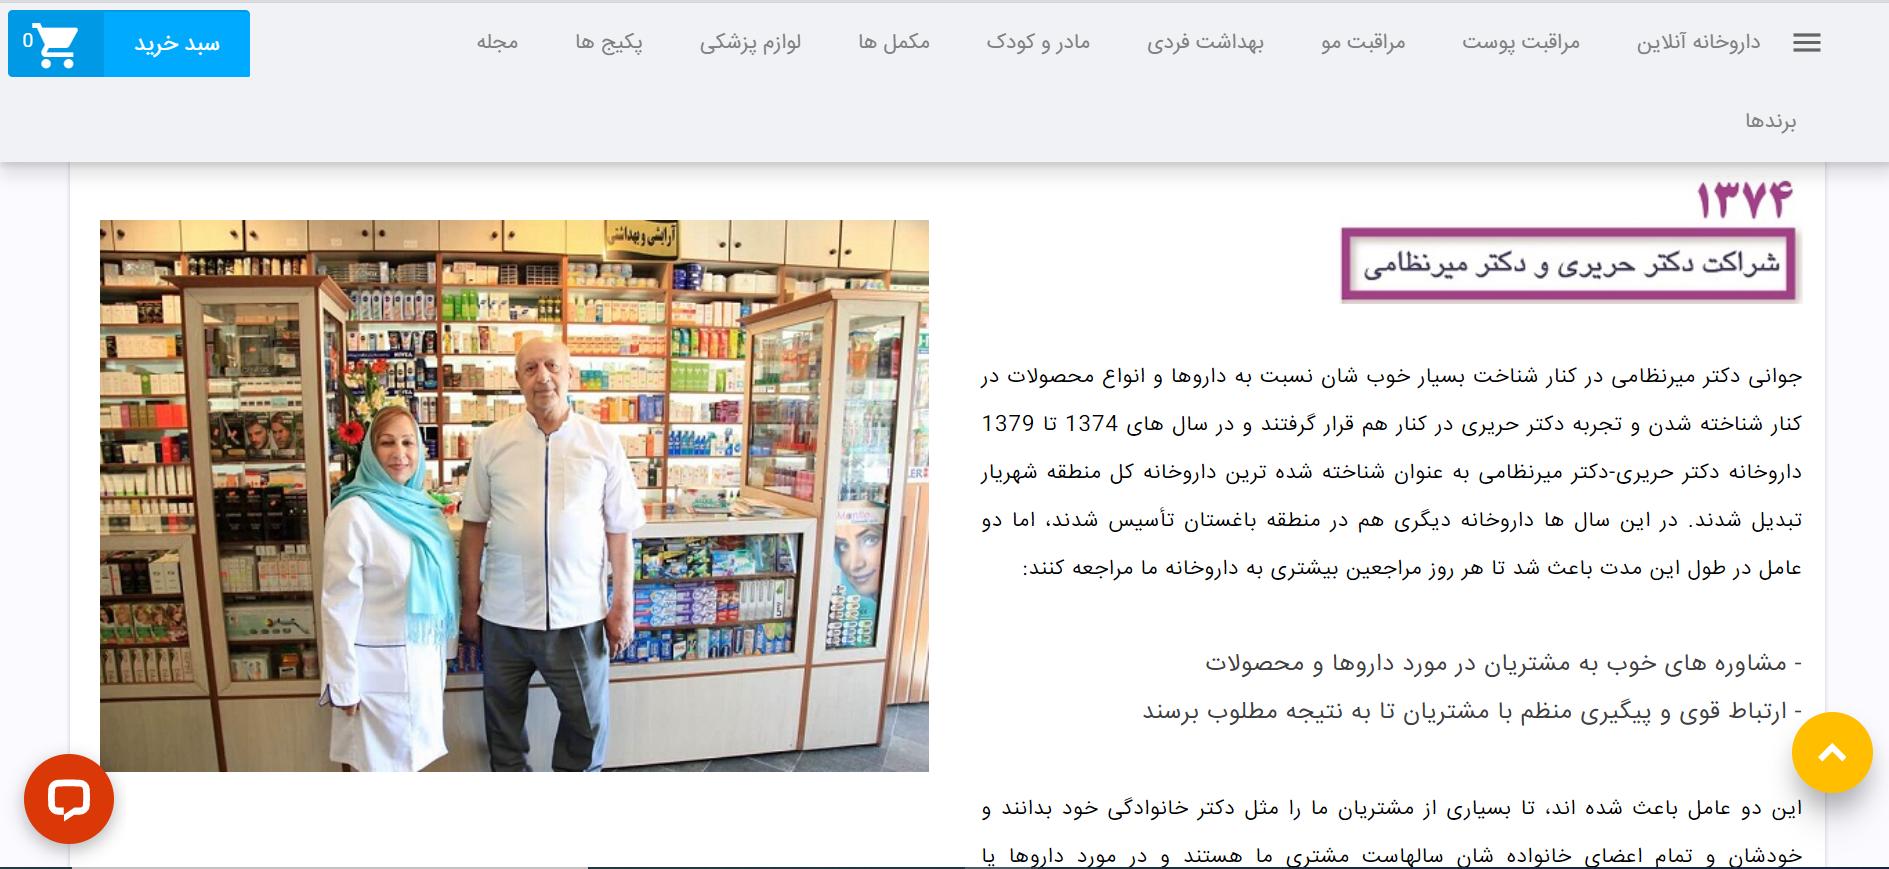 مهتاطب_ بهترین سایت های داروخانه آنلاین